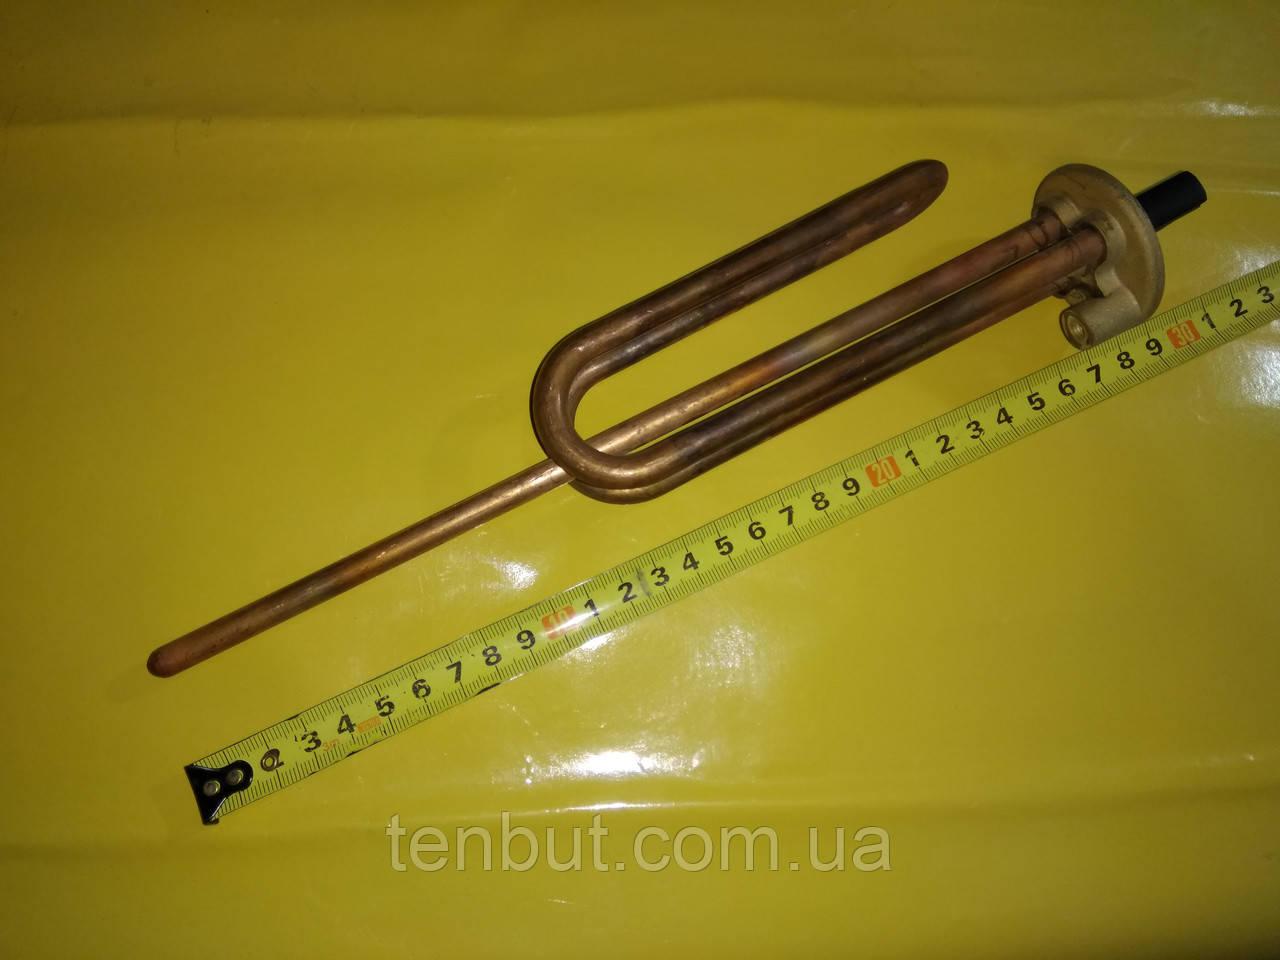 Тэн медный фланцевый для бойлеров 2.0 кВт. 220 В. производство Китай KAWAI .